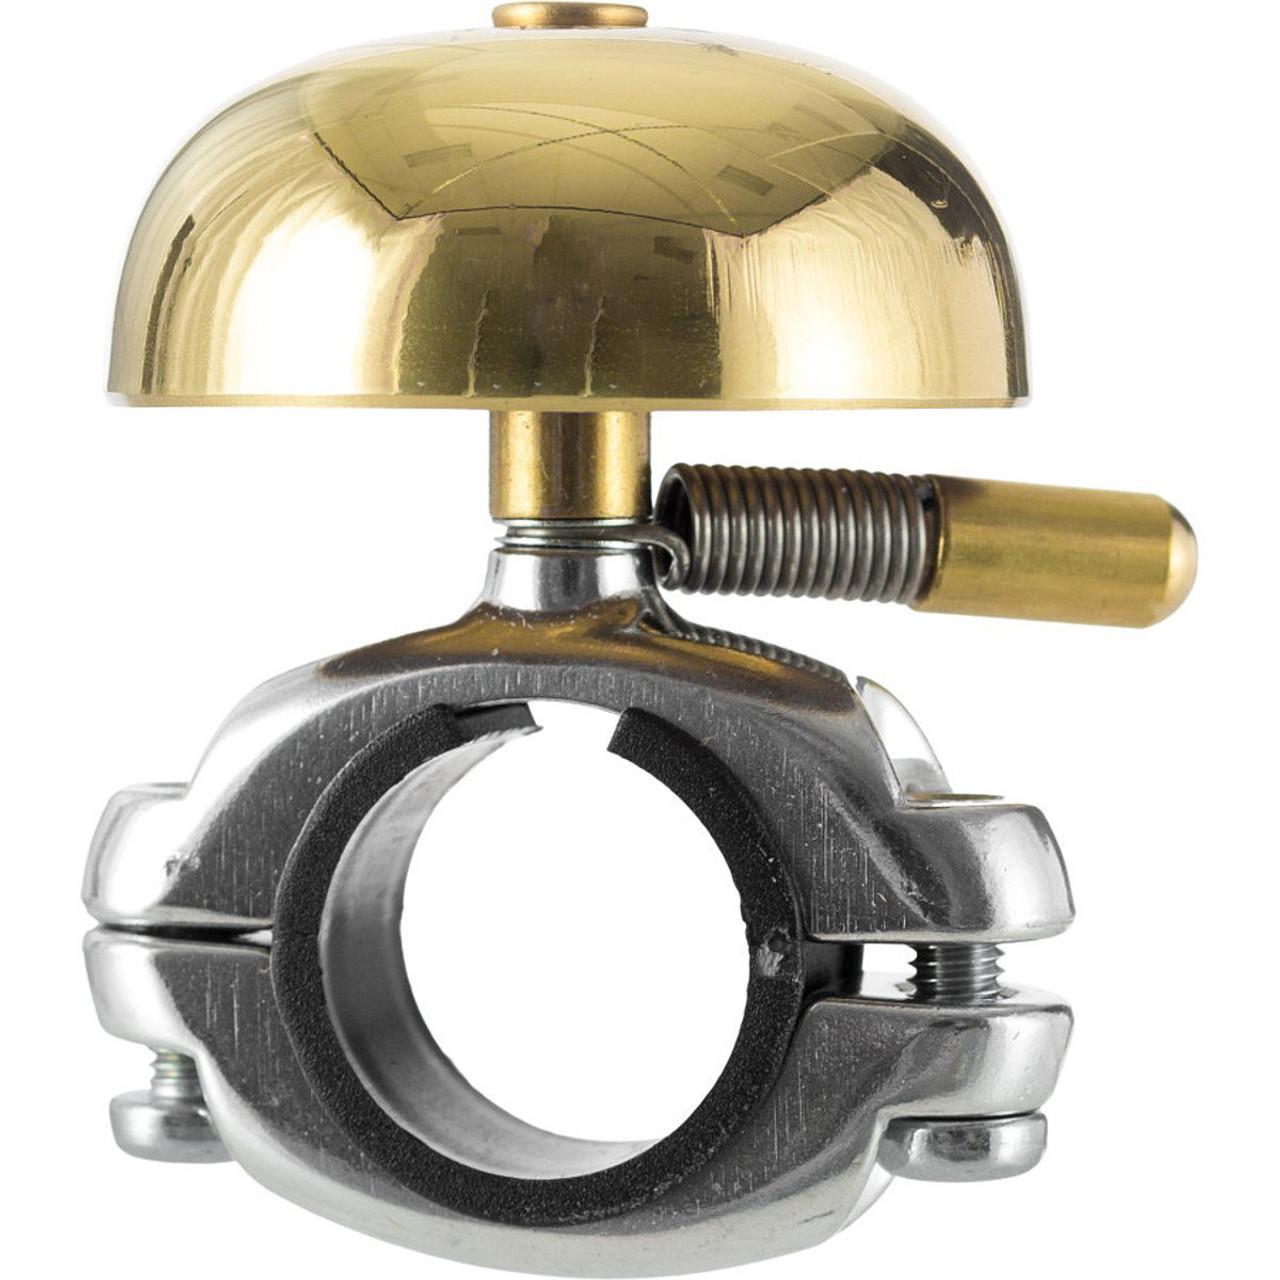 OH2200 Gold CatEye Yamabiko Brass Bicycle Bell